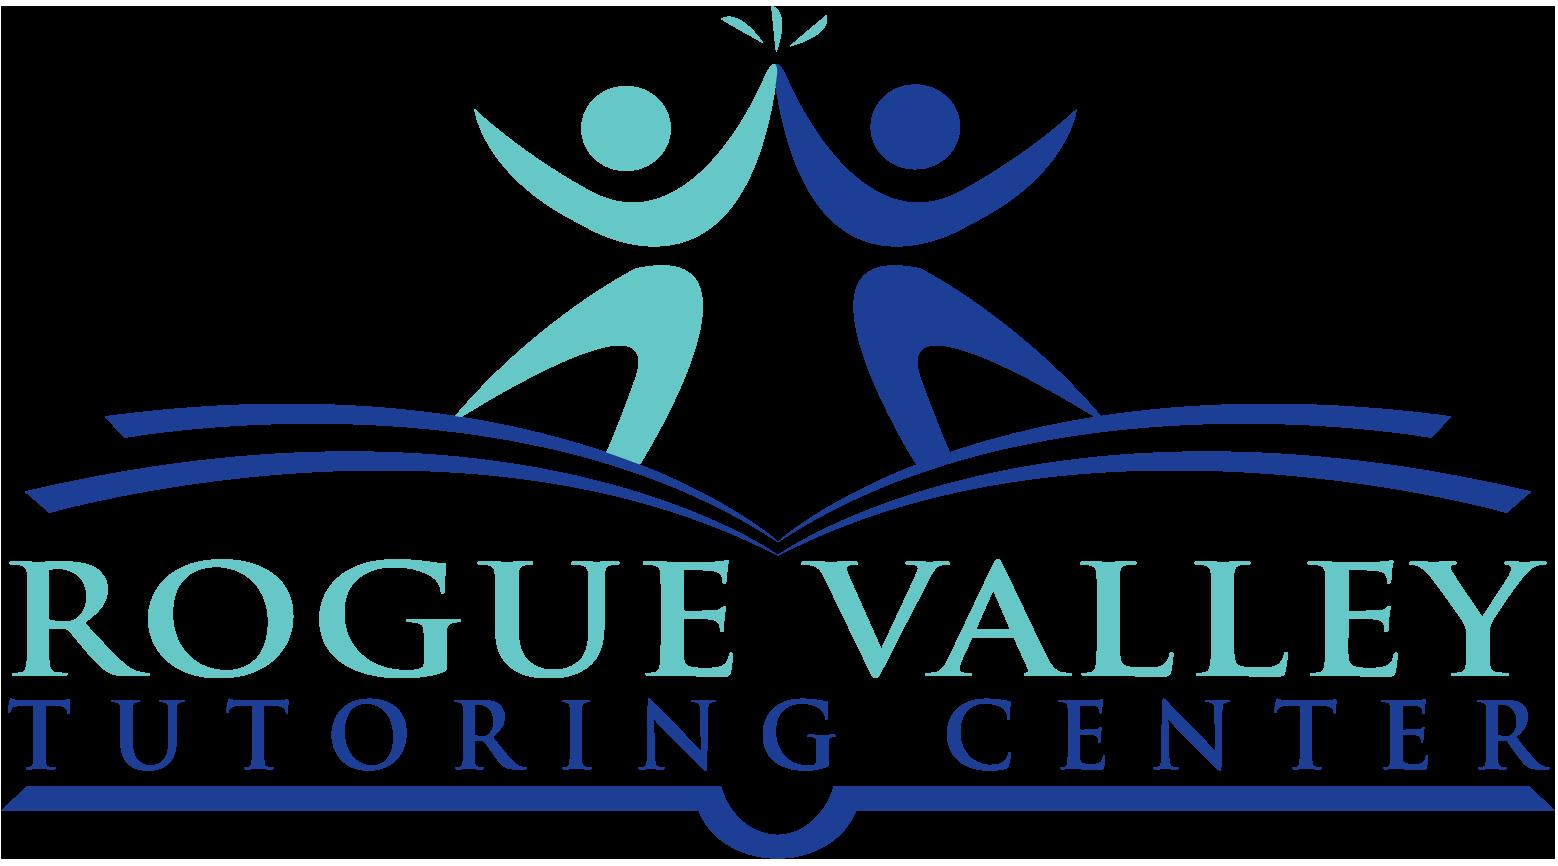 Rogue Valley Tutoring Center